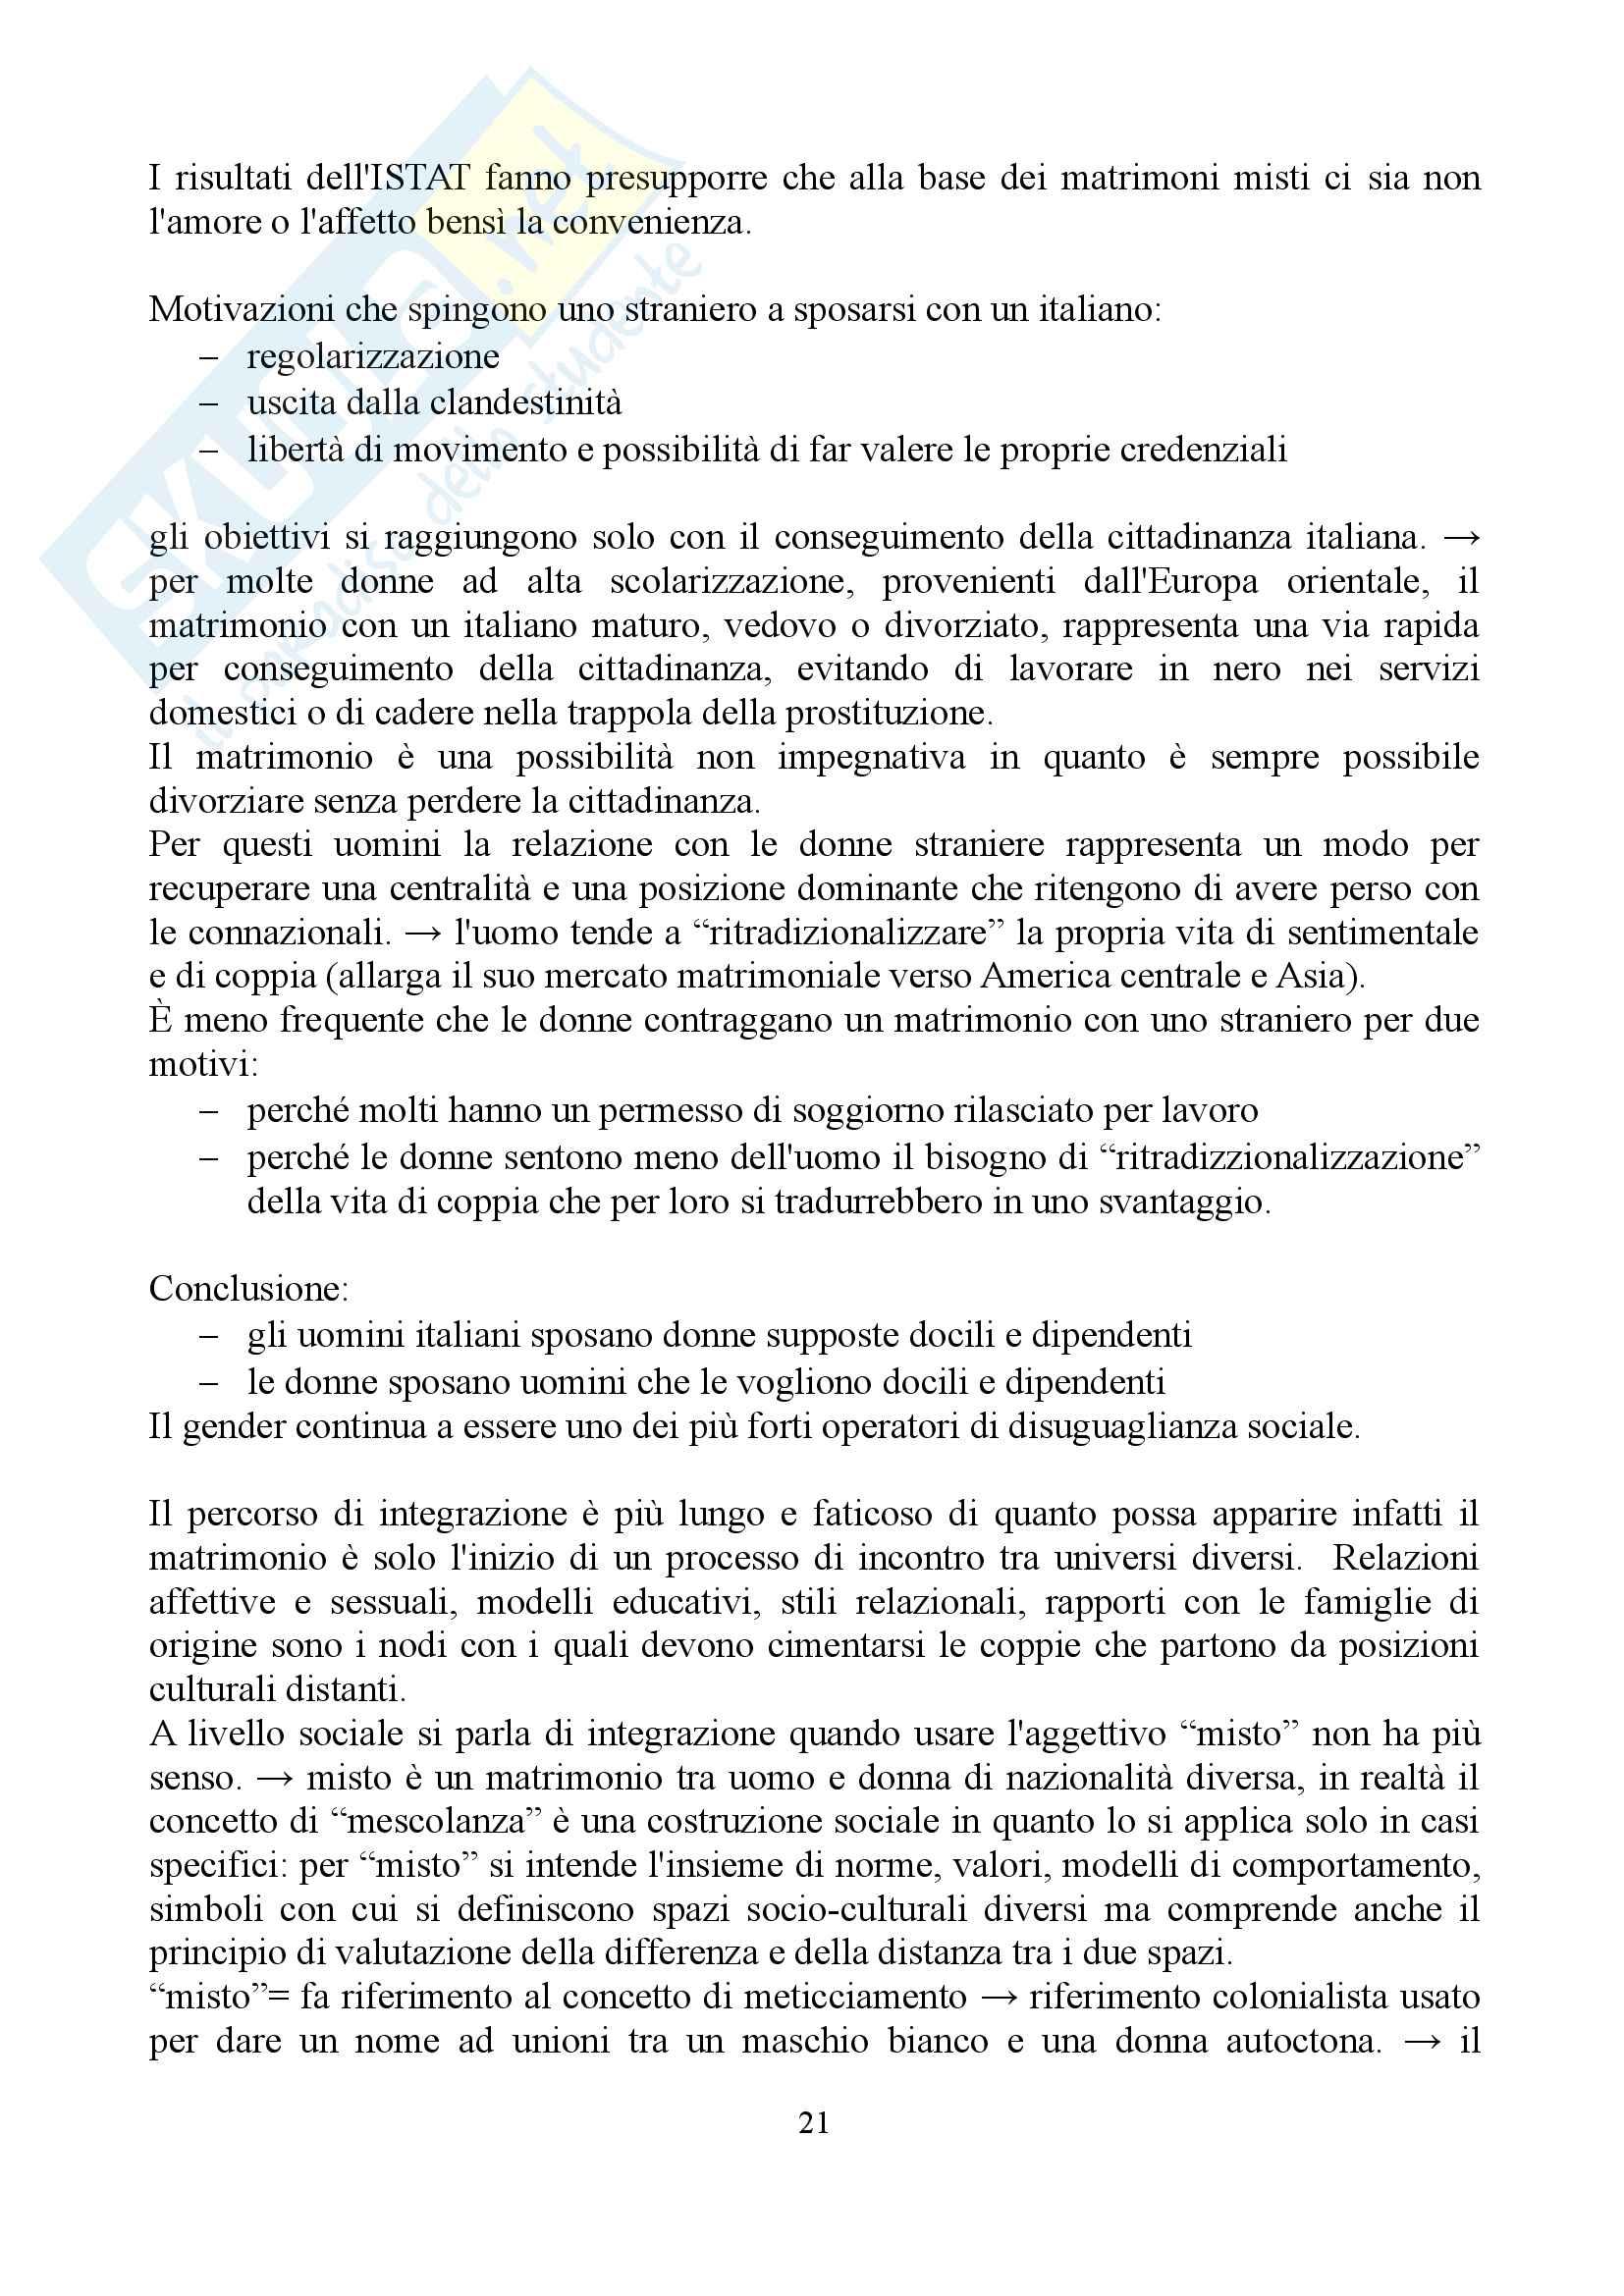 """Sunto di sociologia della famiglia, docente Diego Mesa, libro consigliato """"famiglia sostantivo plurale"""", Paola Di Nicola) Pag. 21"""